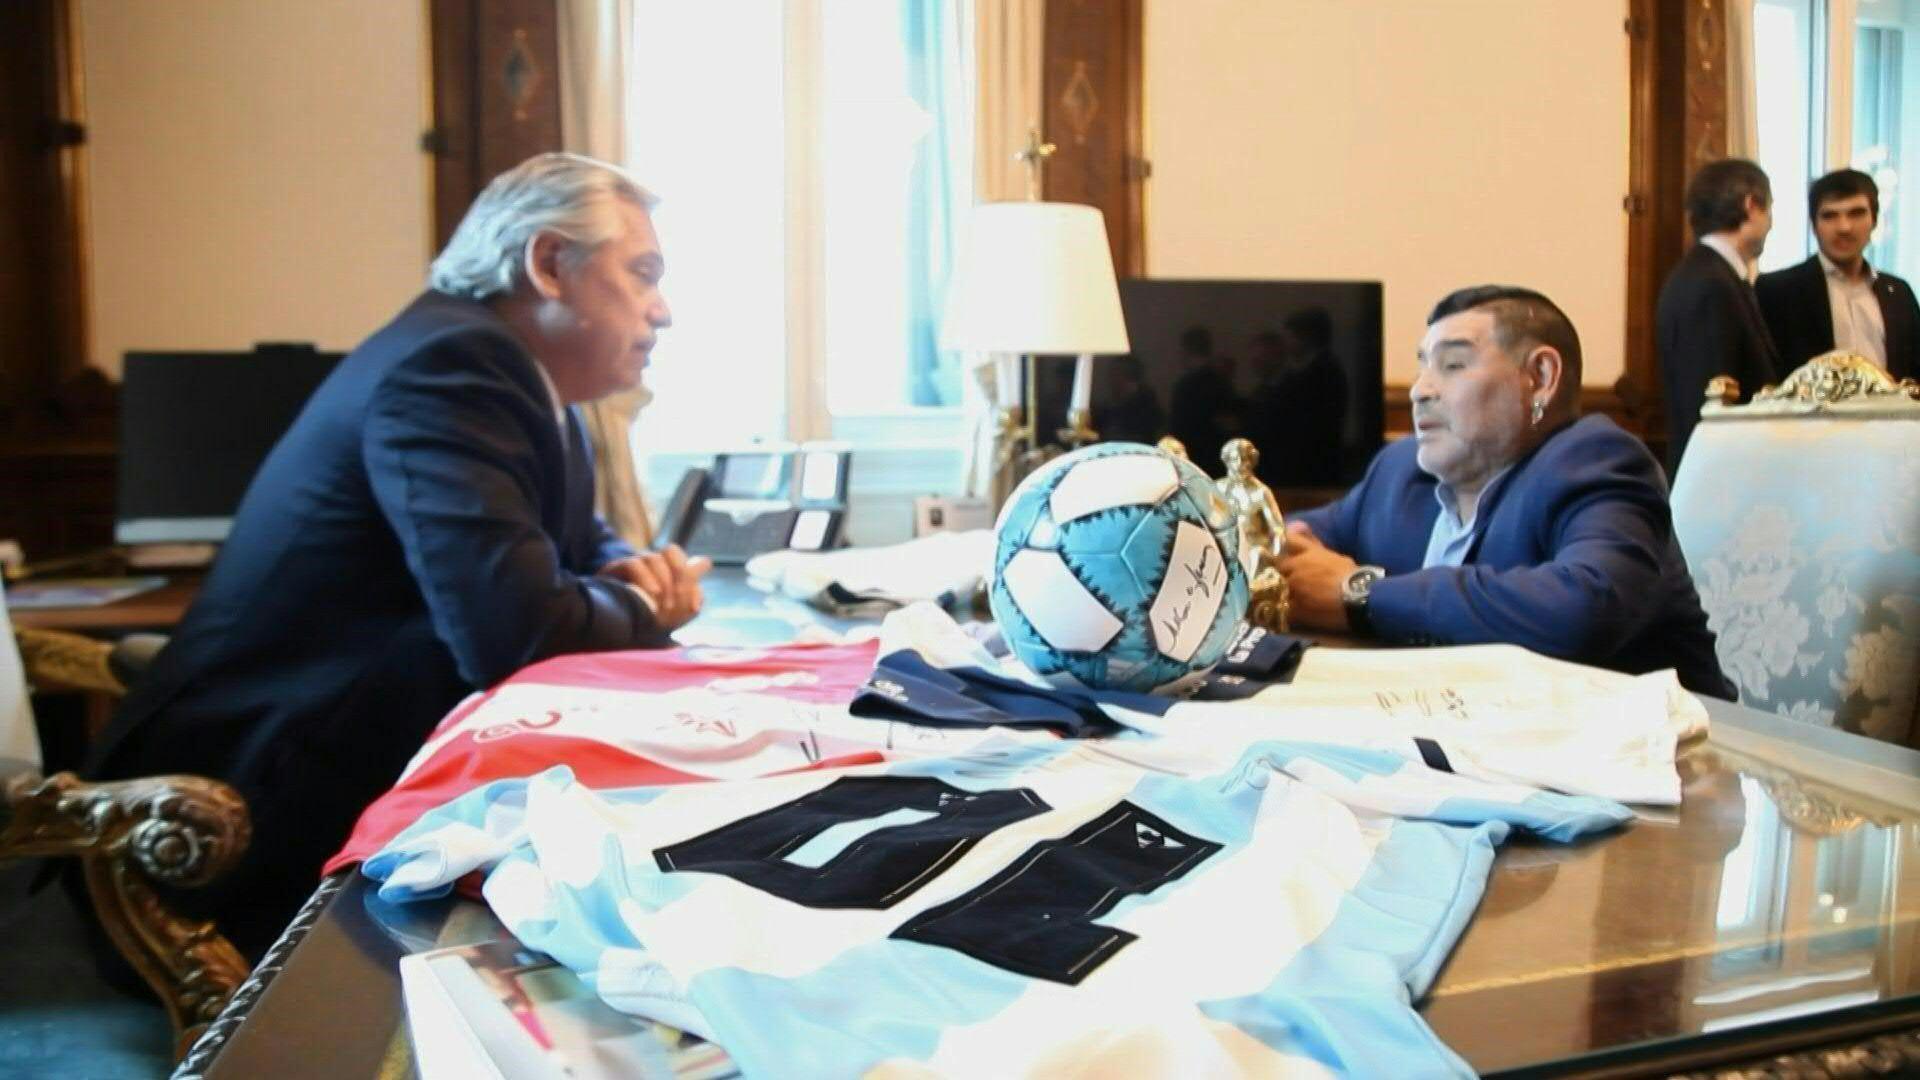 Esta movida conjunta entre el entrenador de Gimnasia y Esgrima La Plata, la Cruz Roja Argentina y el Gobierno Nacional iniciará el sábado 30 de octubre